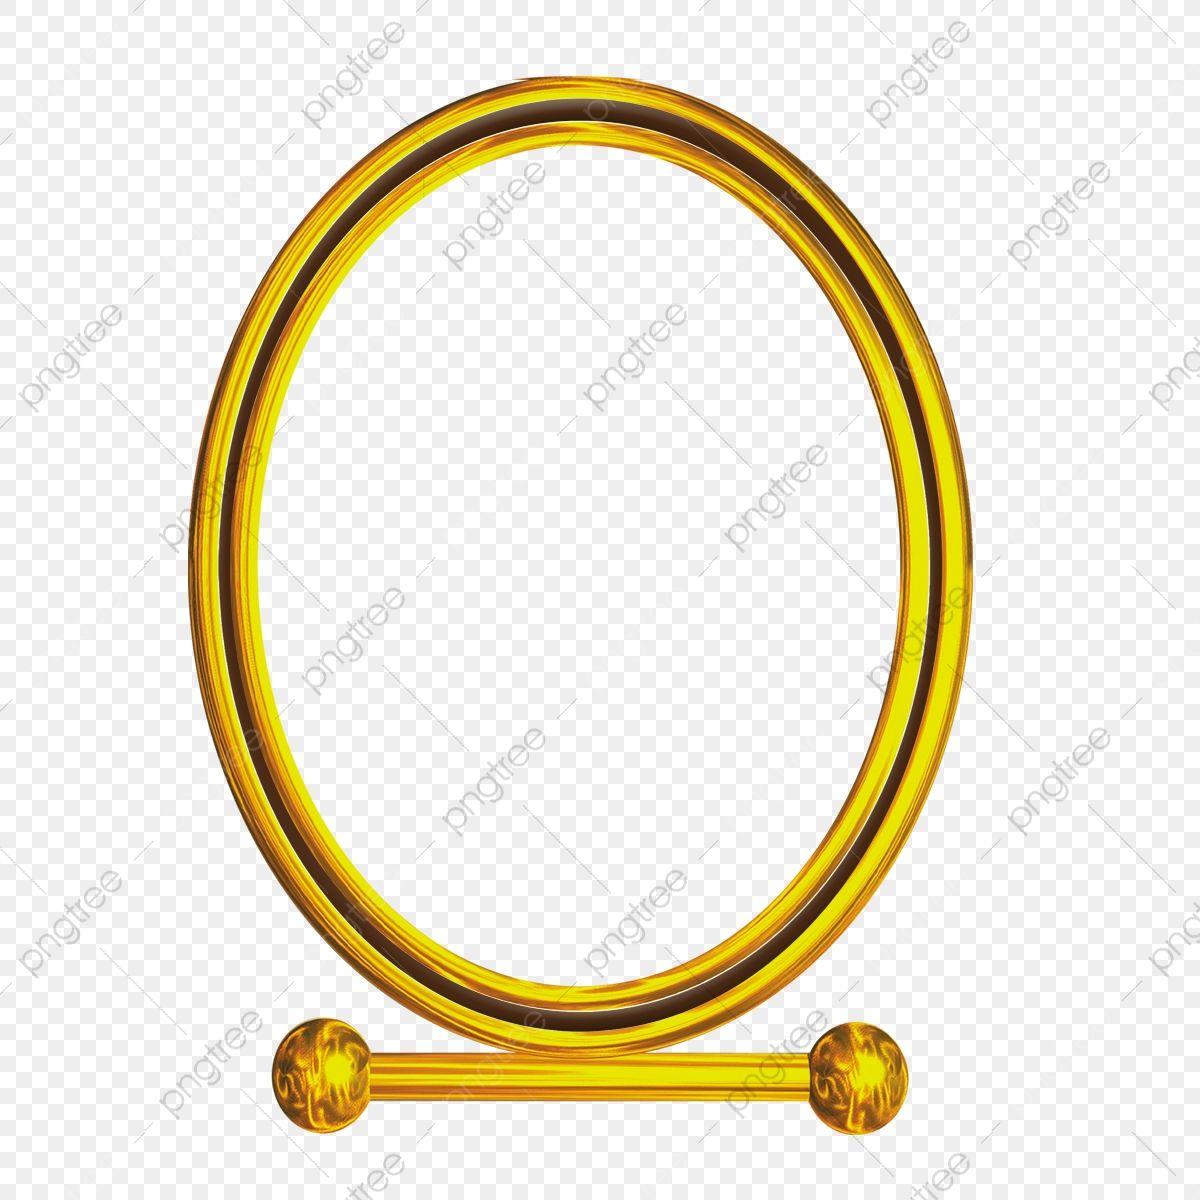 Golden Frame In Oval Shape Golden Frame Oval Frame Png Transparent Clipart Image And Psd File For Free Download Ornament Frame Clip Art Heart Shaped Frame